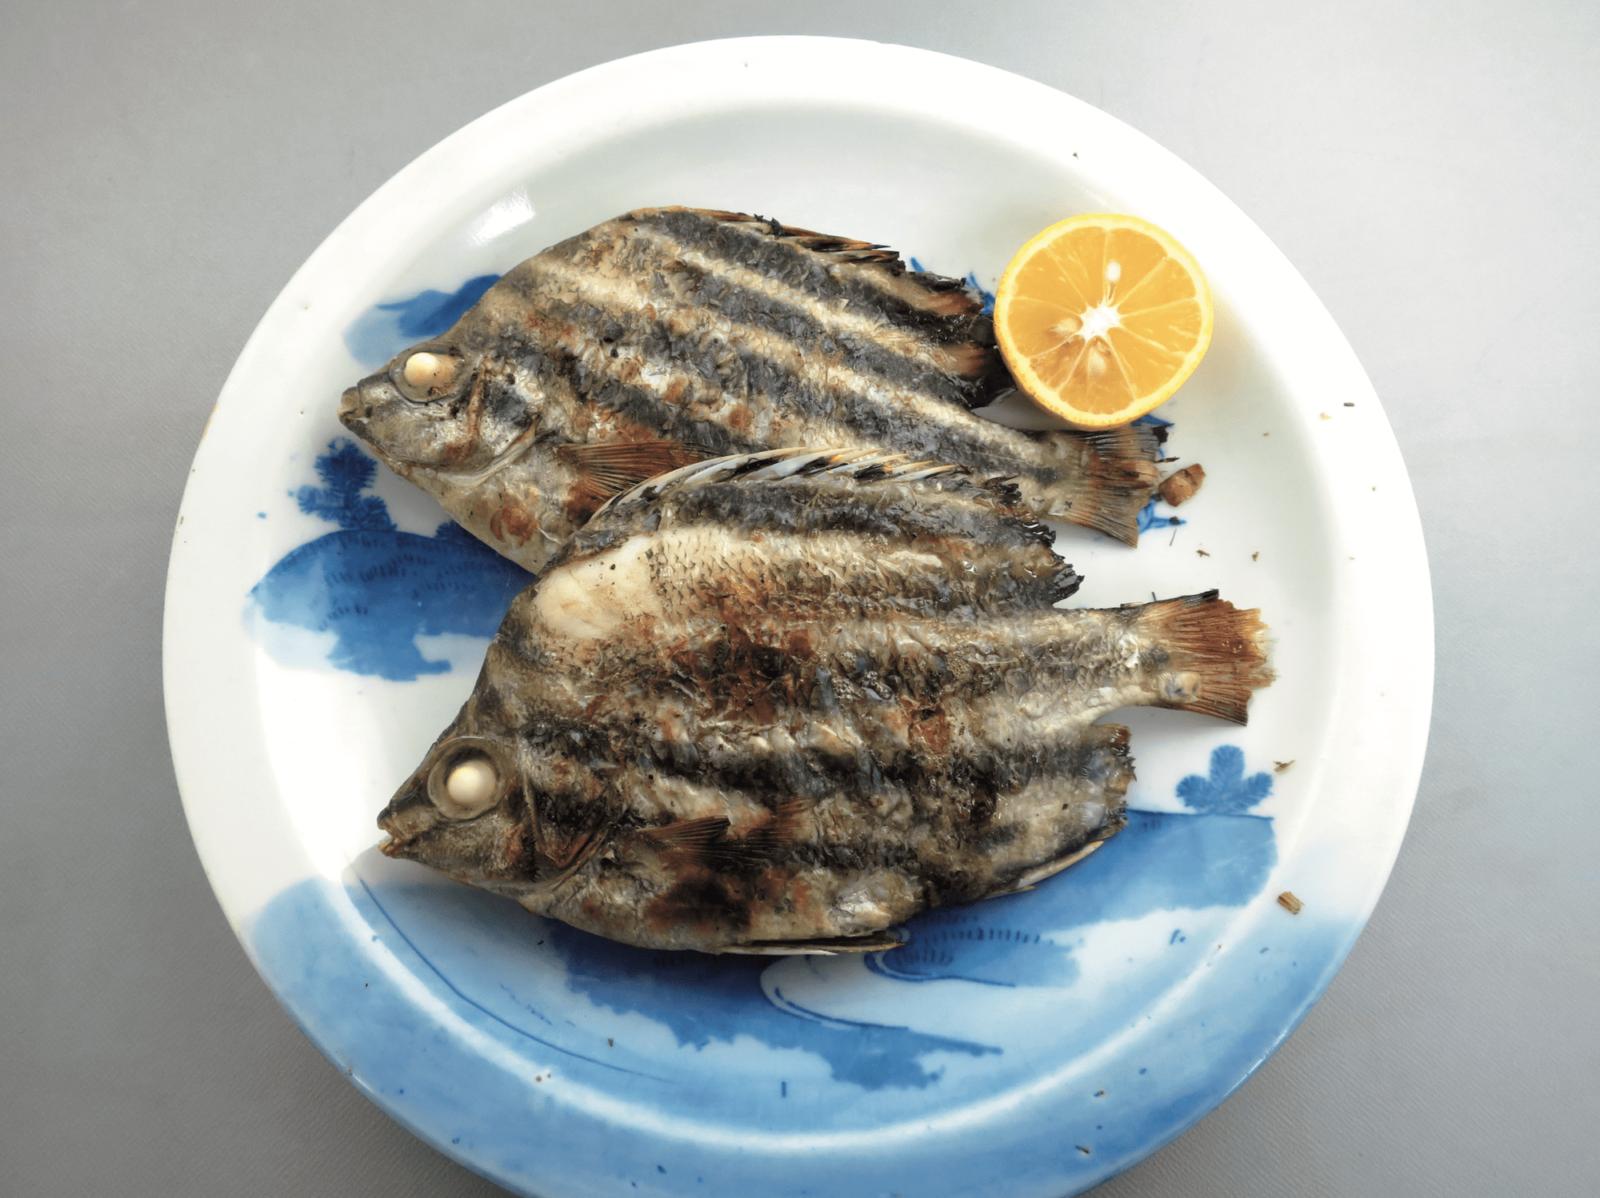 カゴカキダイ 魚 ブルータス